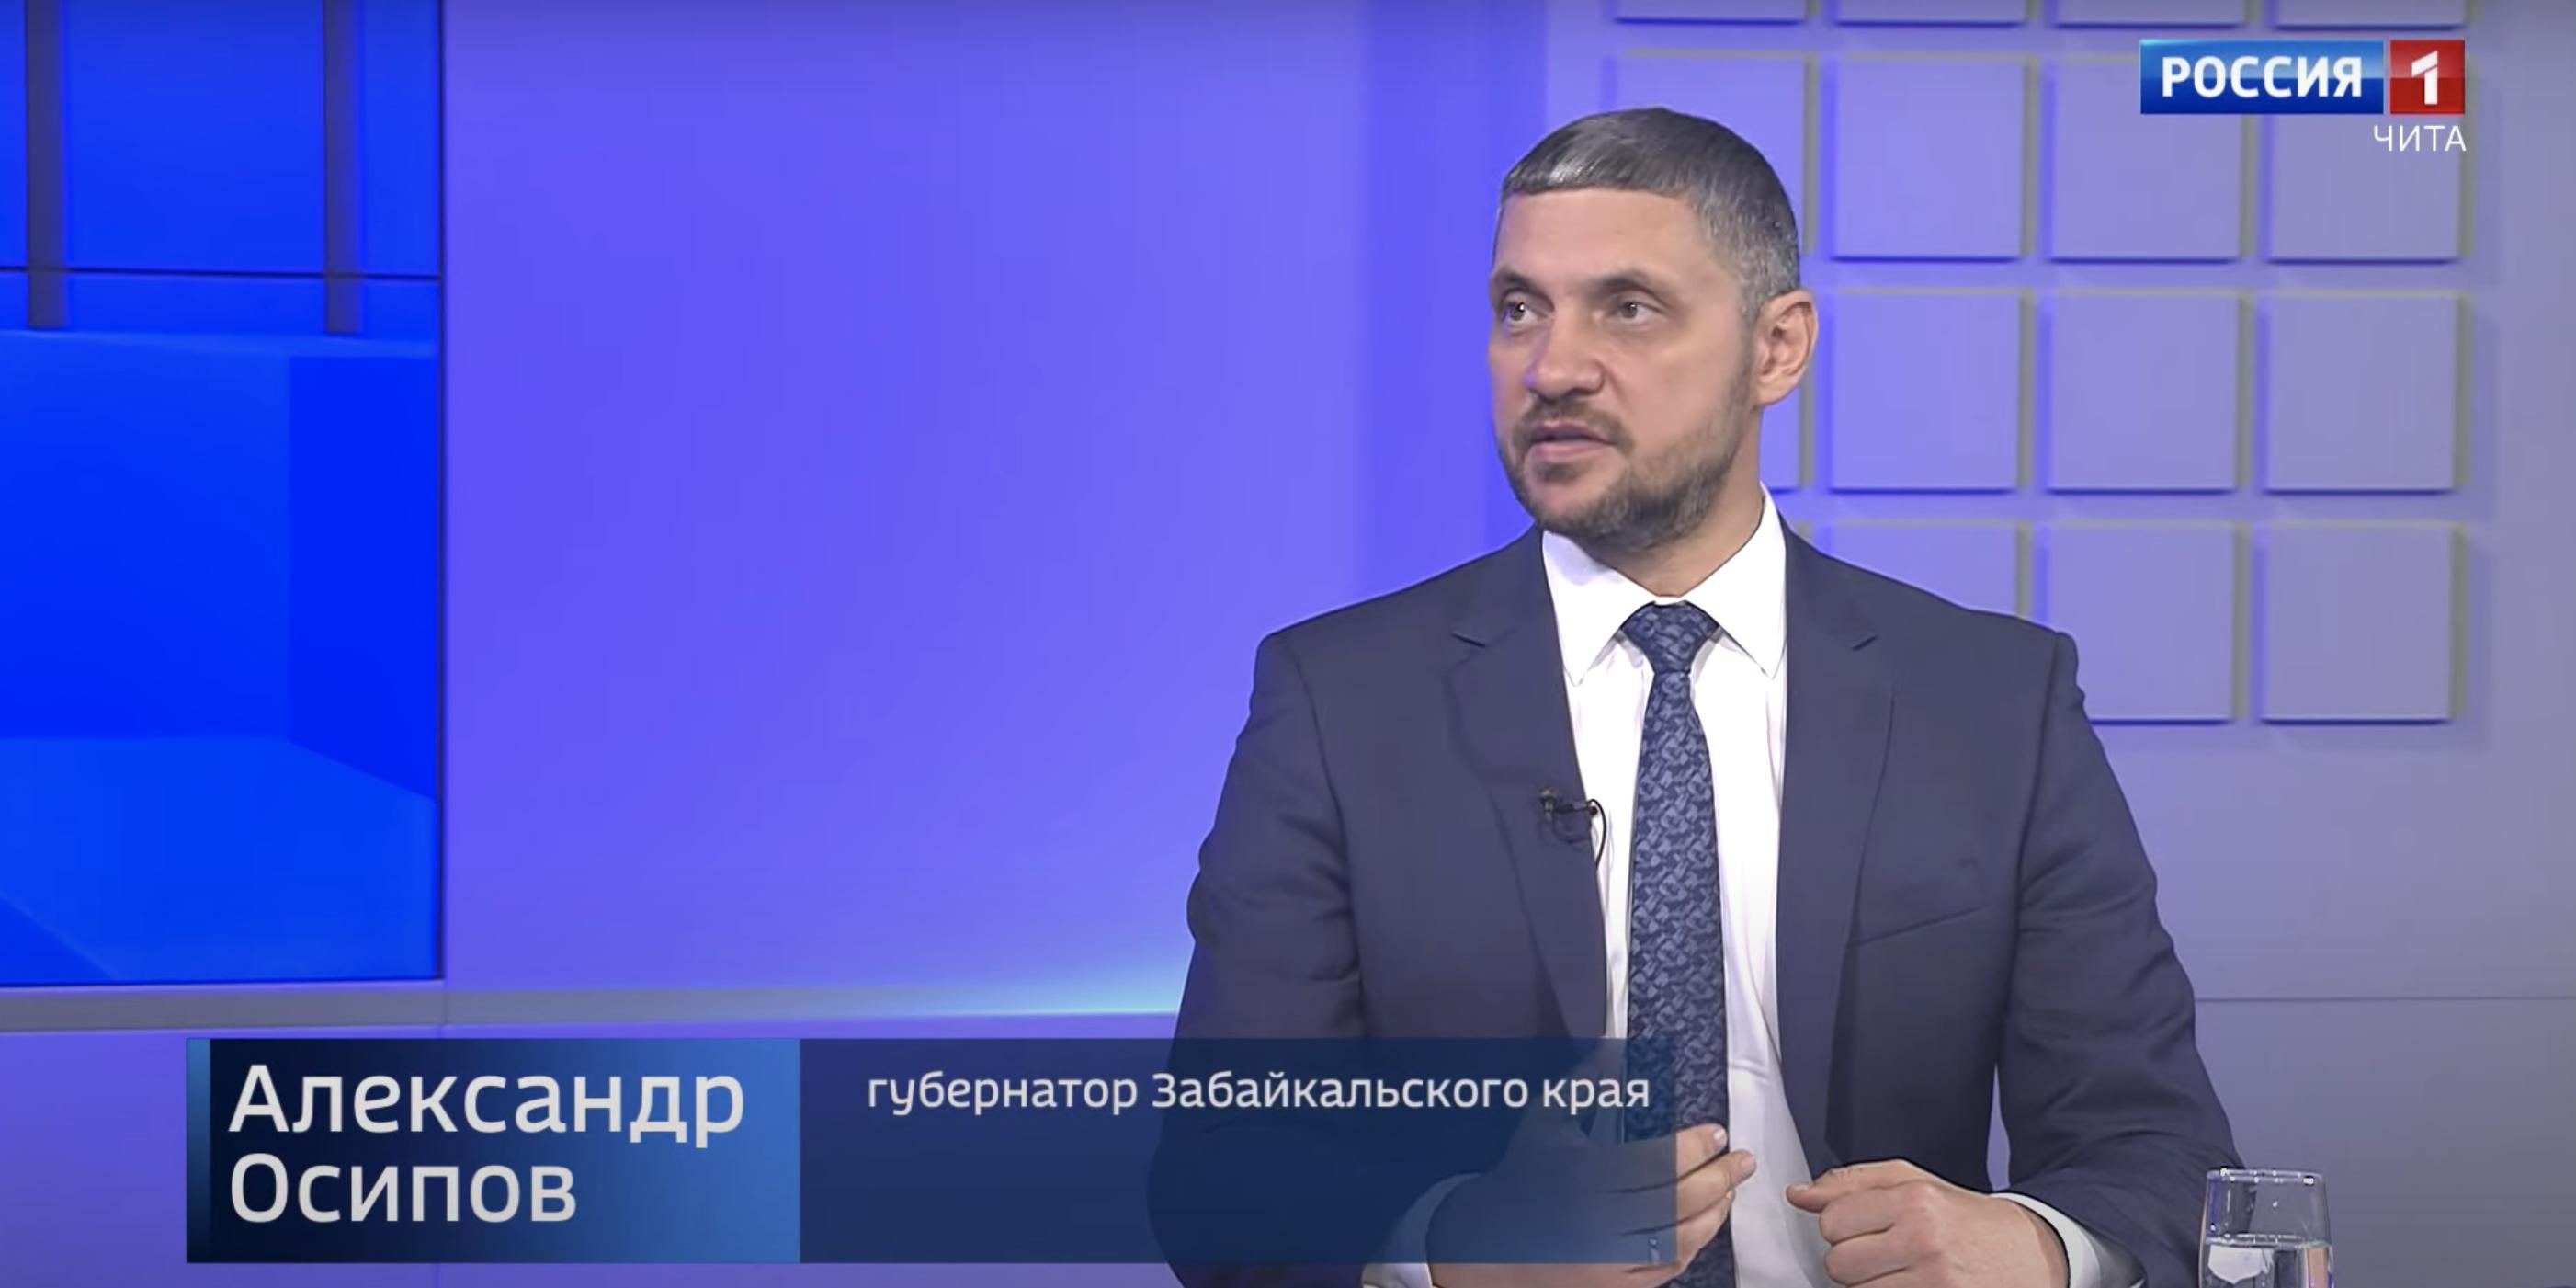 Мы вместе — Здоровое Забайкалье: губернатор Осипов предложил определить бюджетные приоритеты края на 2022 год вместе с жителями